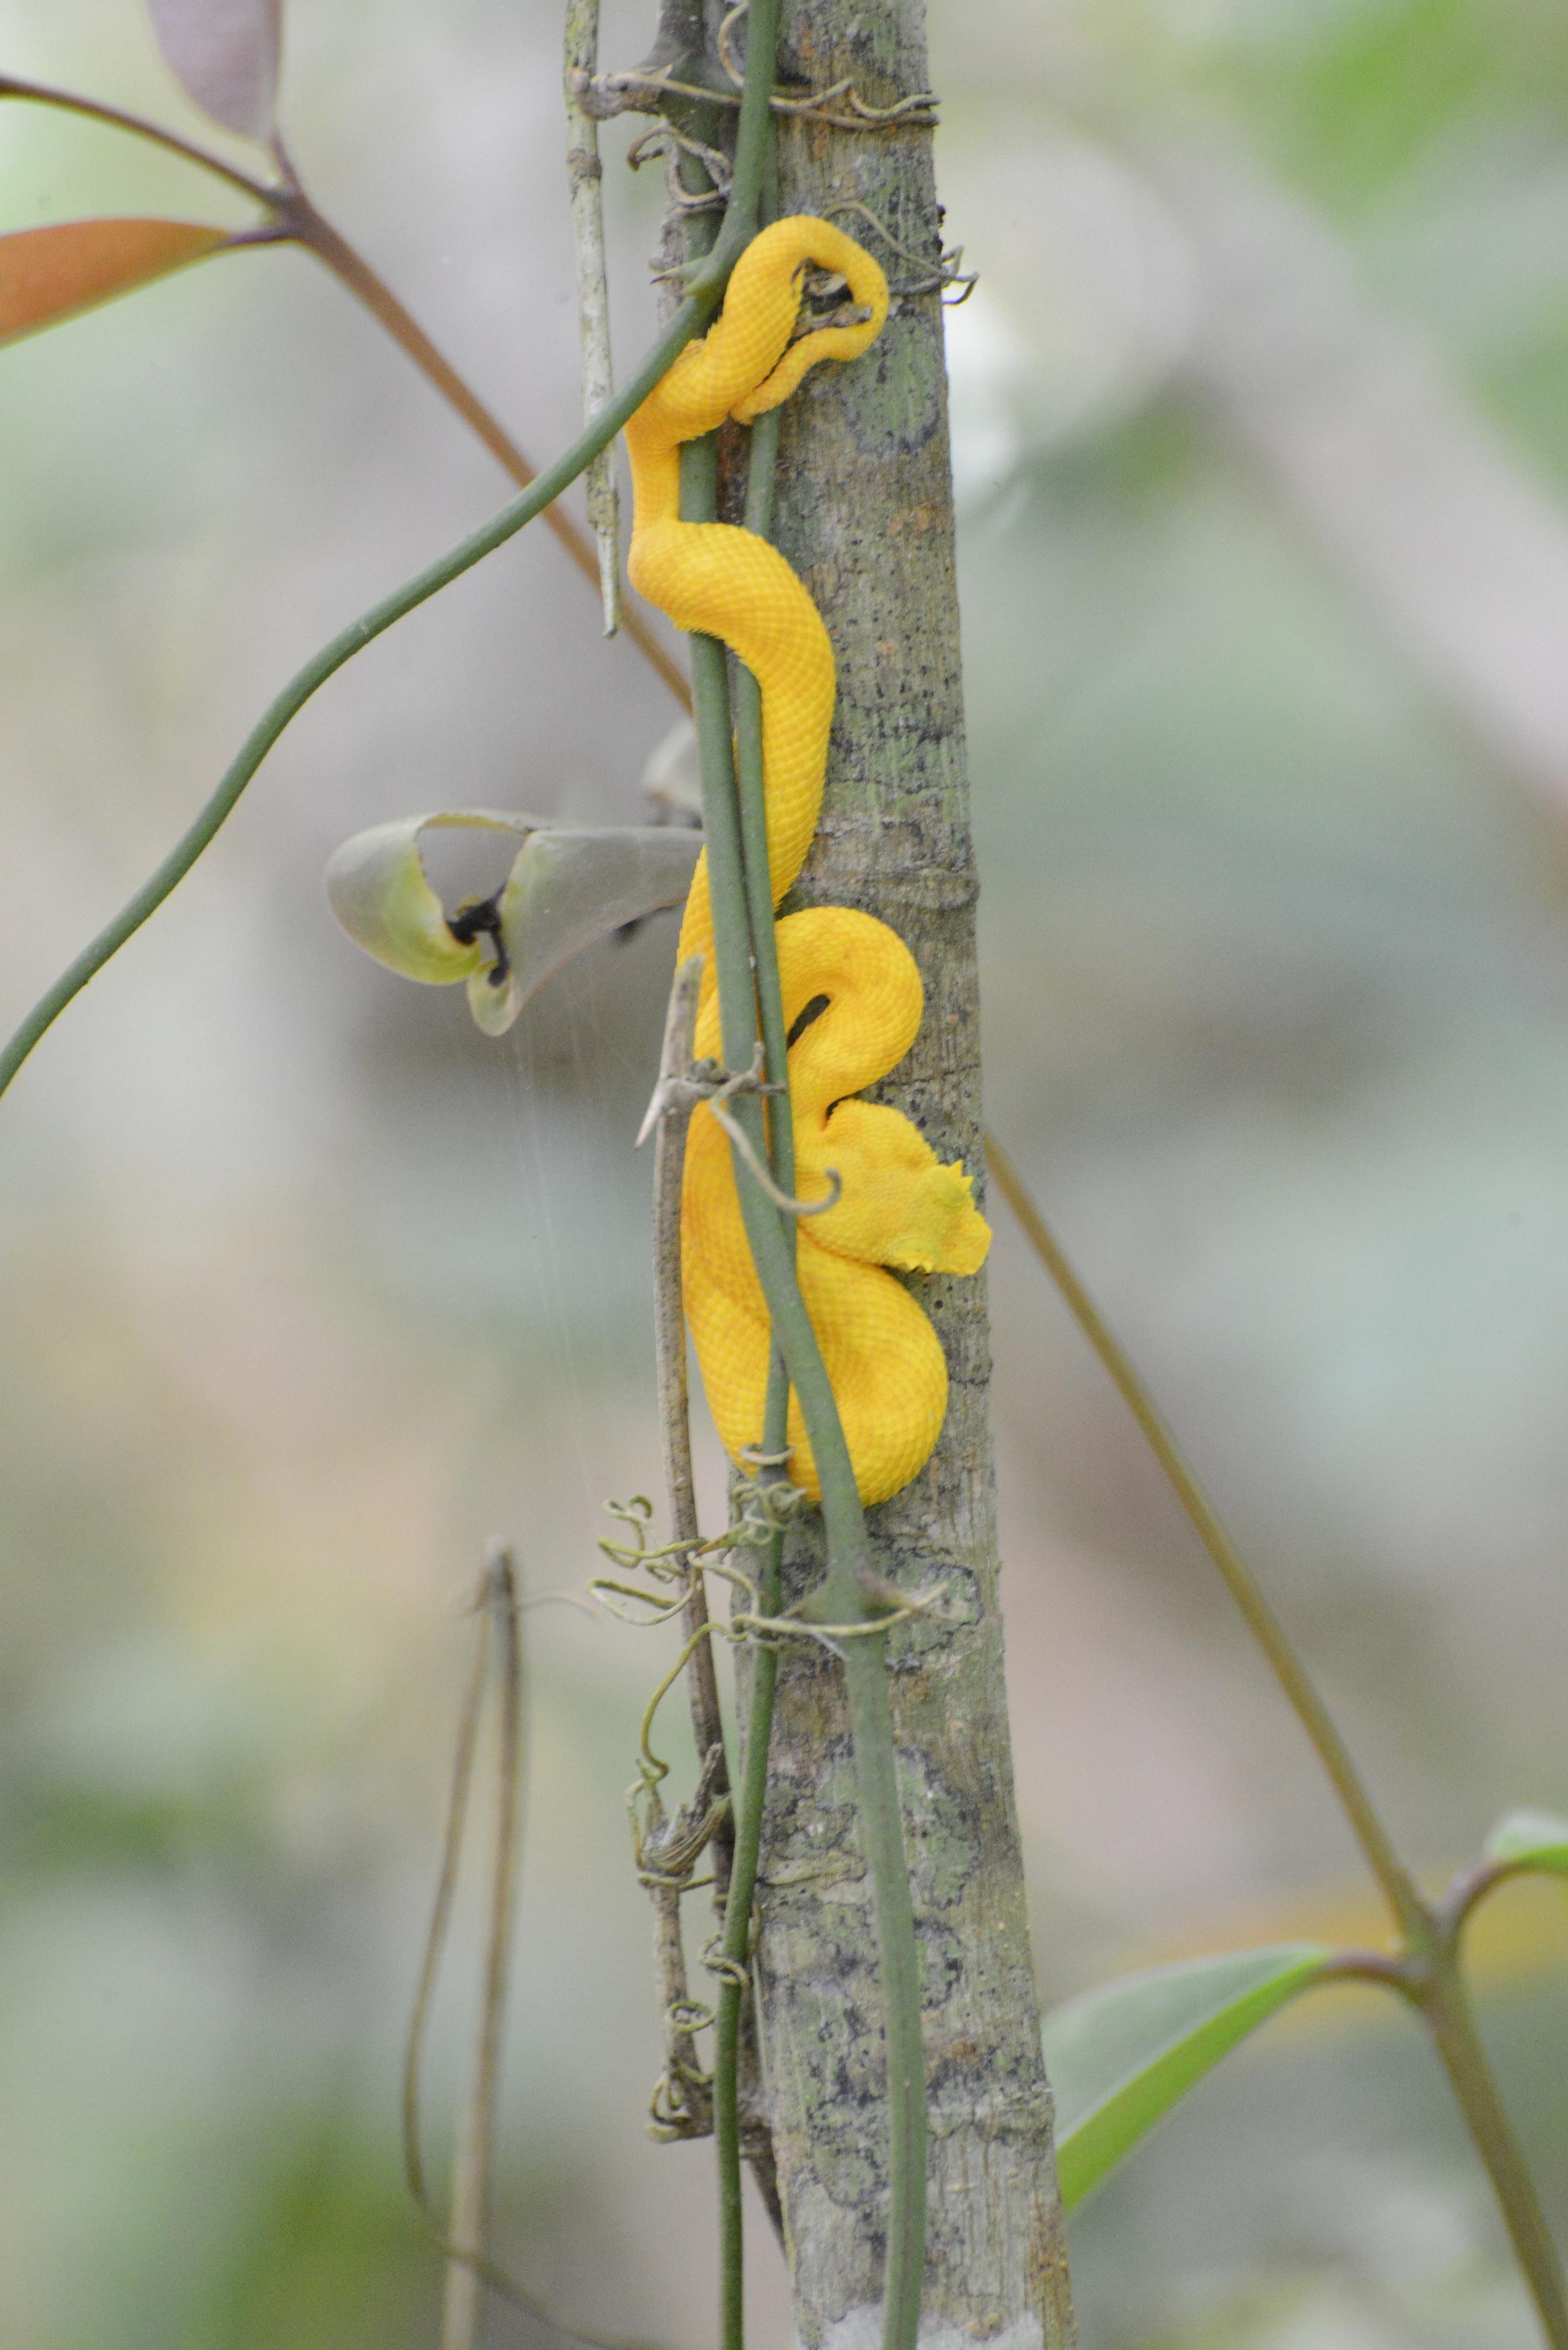 eyelash pitviper on a branch